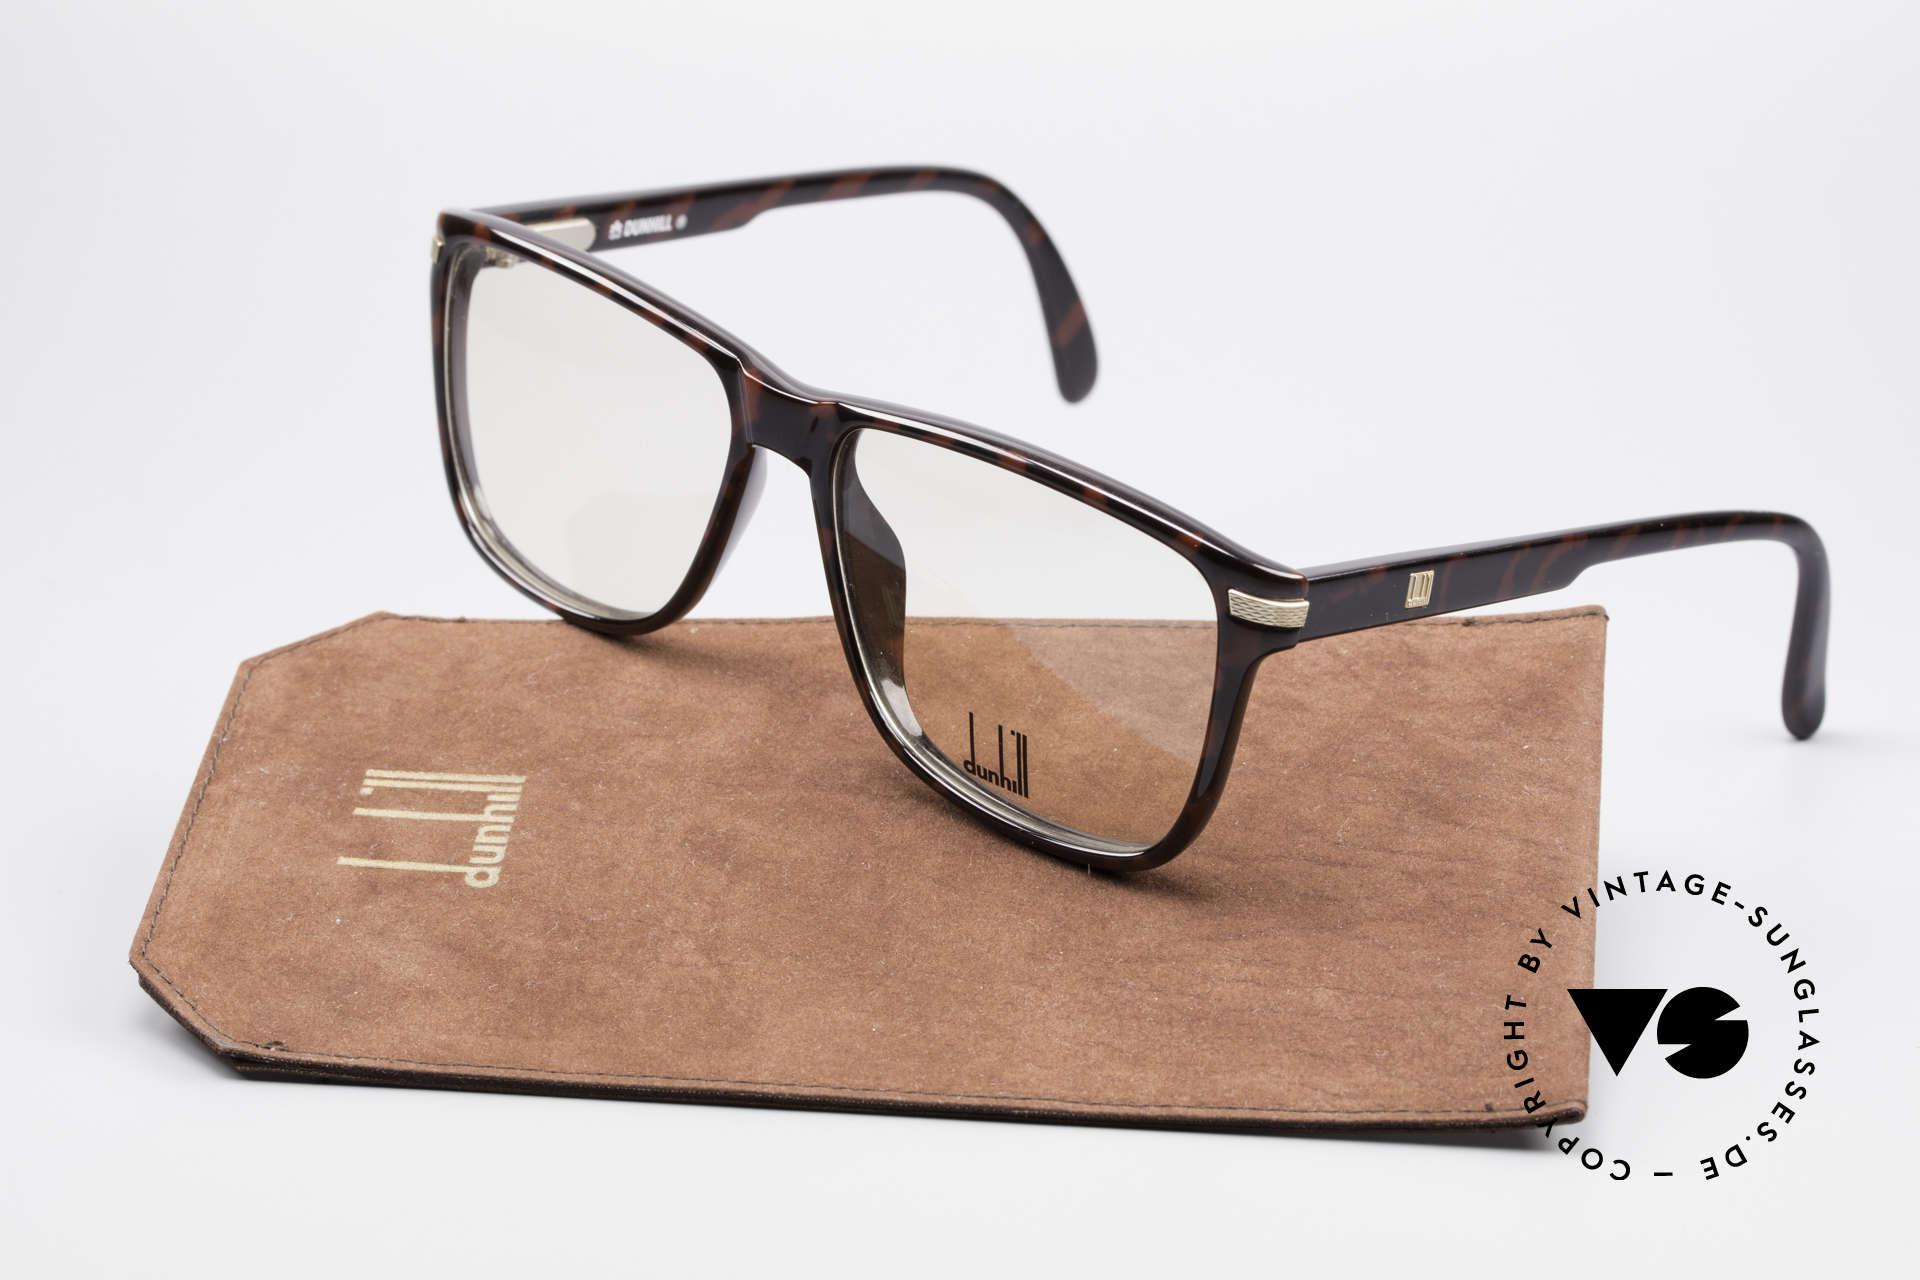 """Dunhill 6055 Johnny Depp Nerd Stil Brille, Johnny Depp oder """"Nerd-Brille"""" - jedoch zeitlos!, Passend für Herren"""